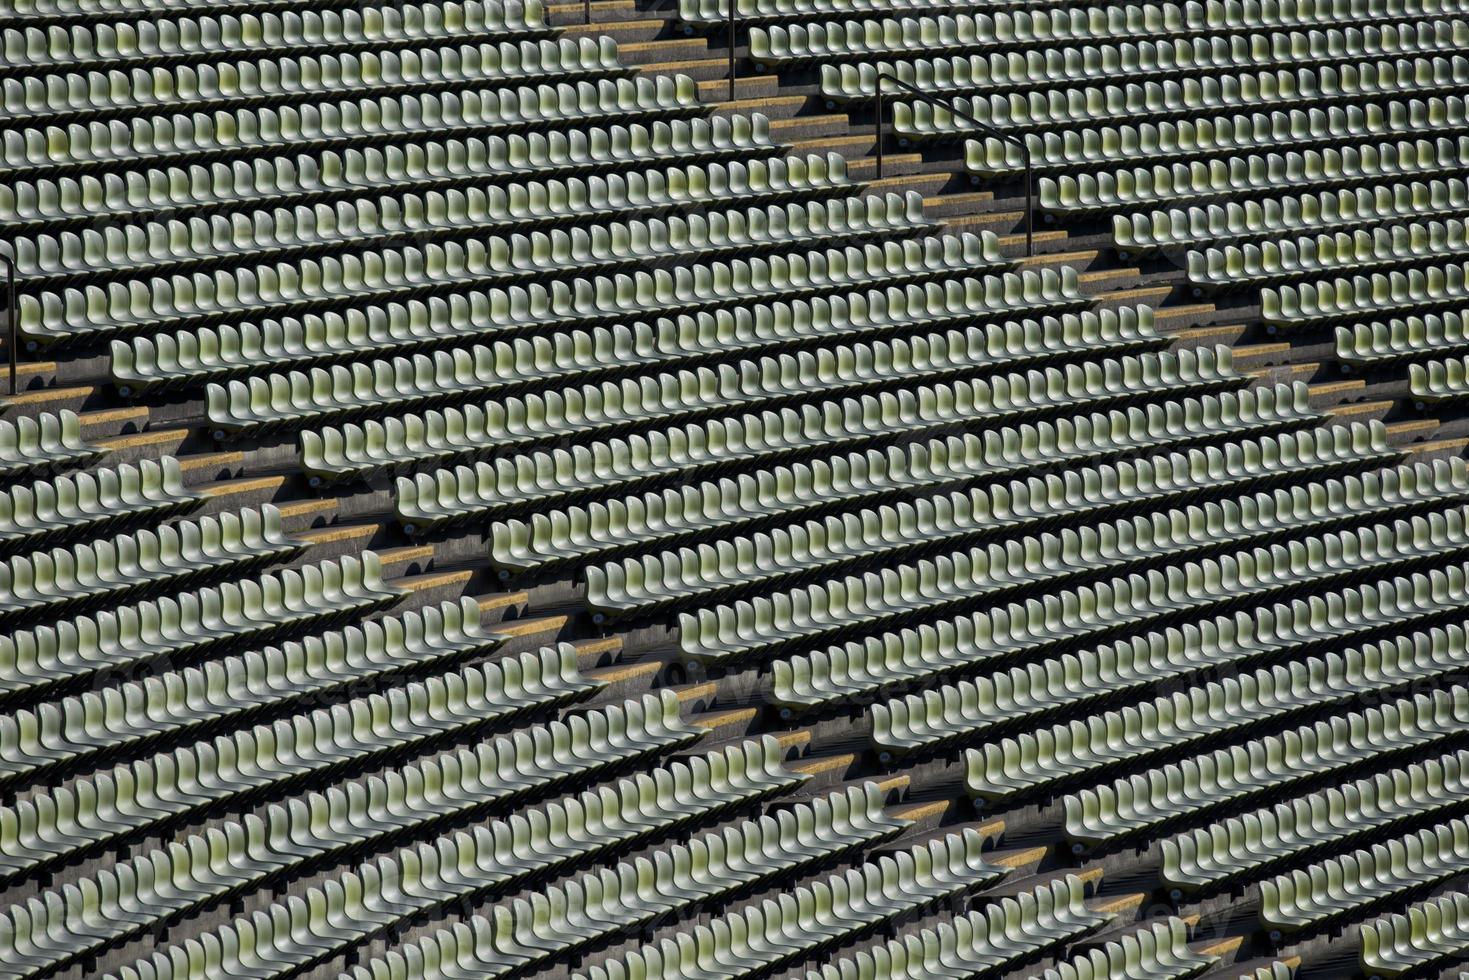 assentos de um estádio foto